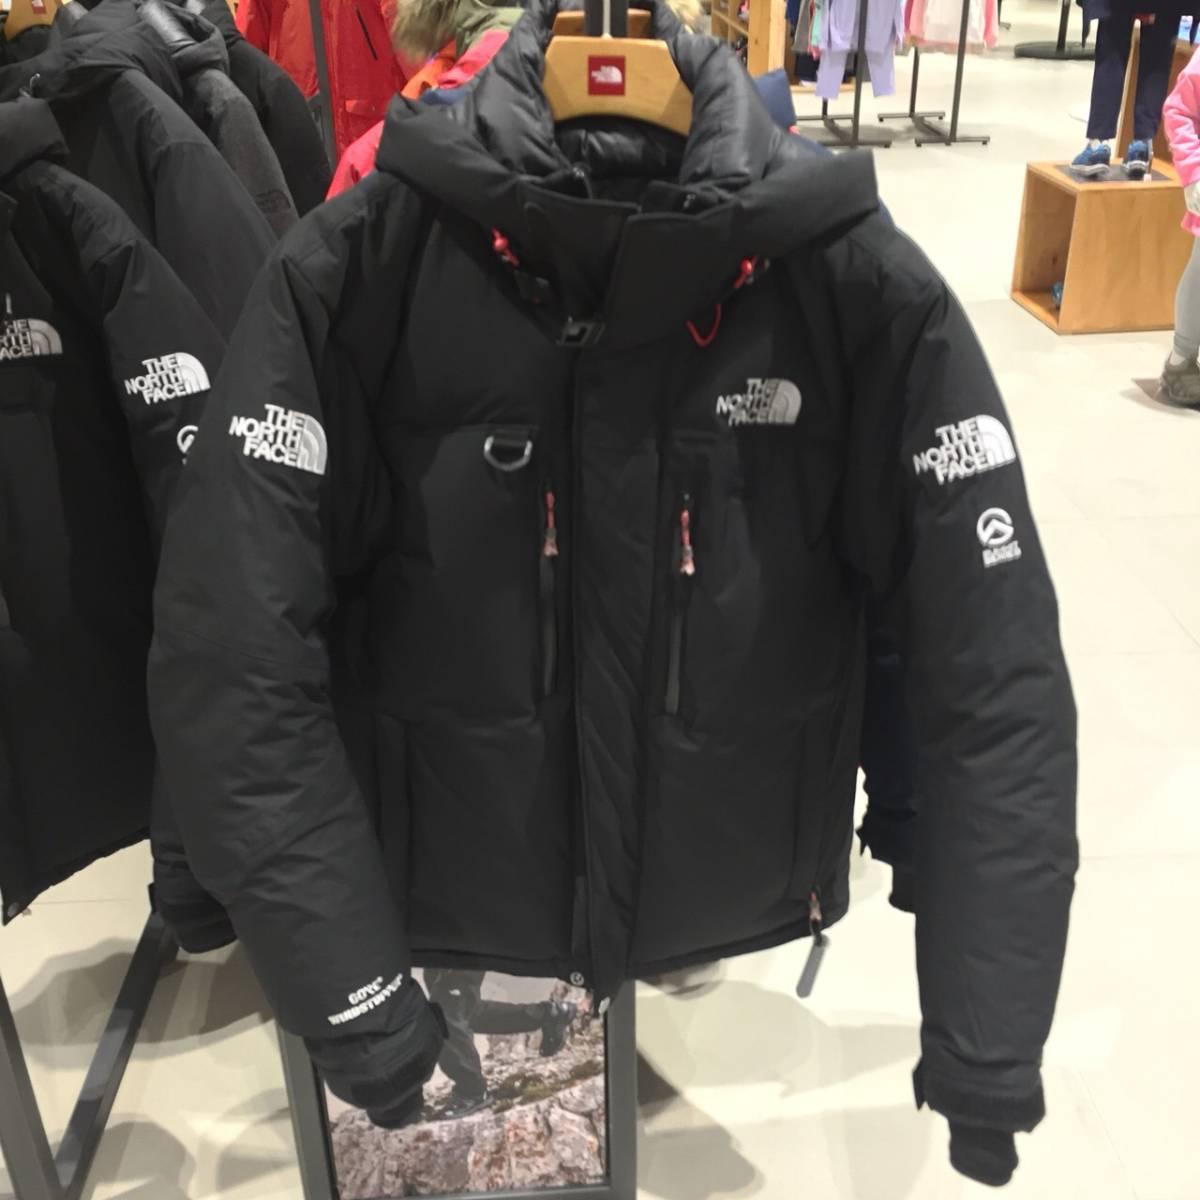 新品THE NORTH FACEザ・ノースフェイスHIMALAYAN ParkaSサイズ黒ブラックヒマラヤンパーカ最強に暖かいダウンジャケットメンズTNF